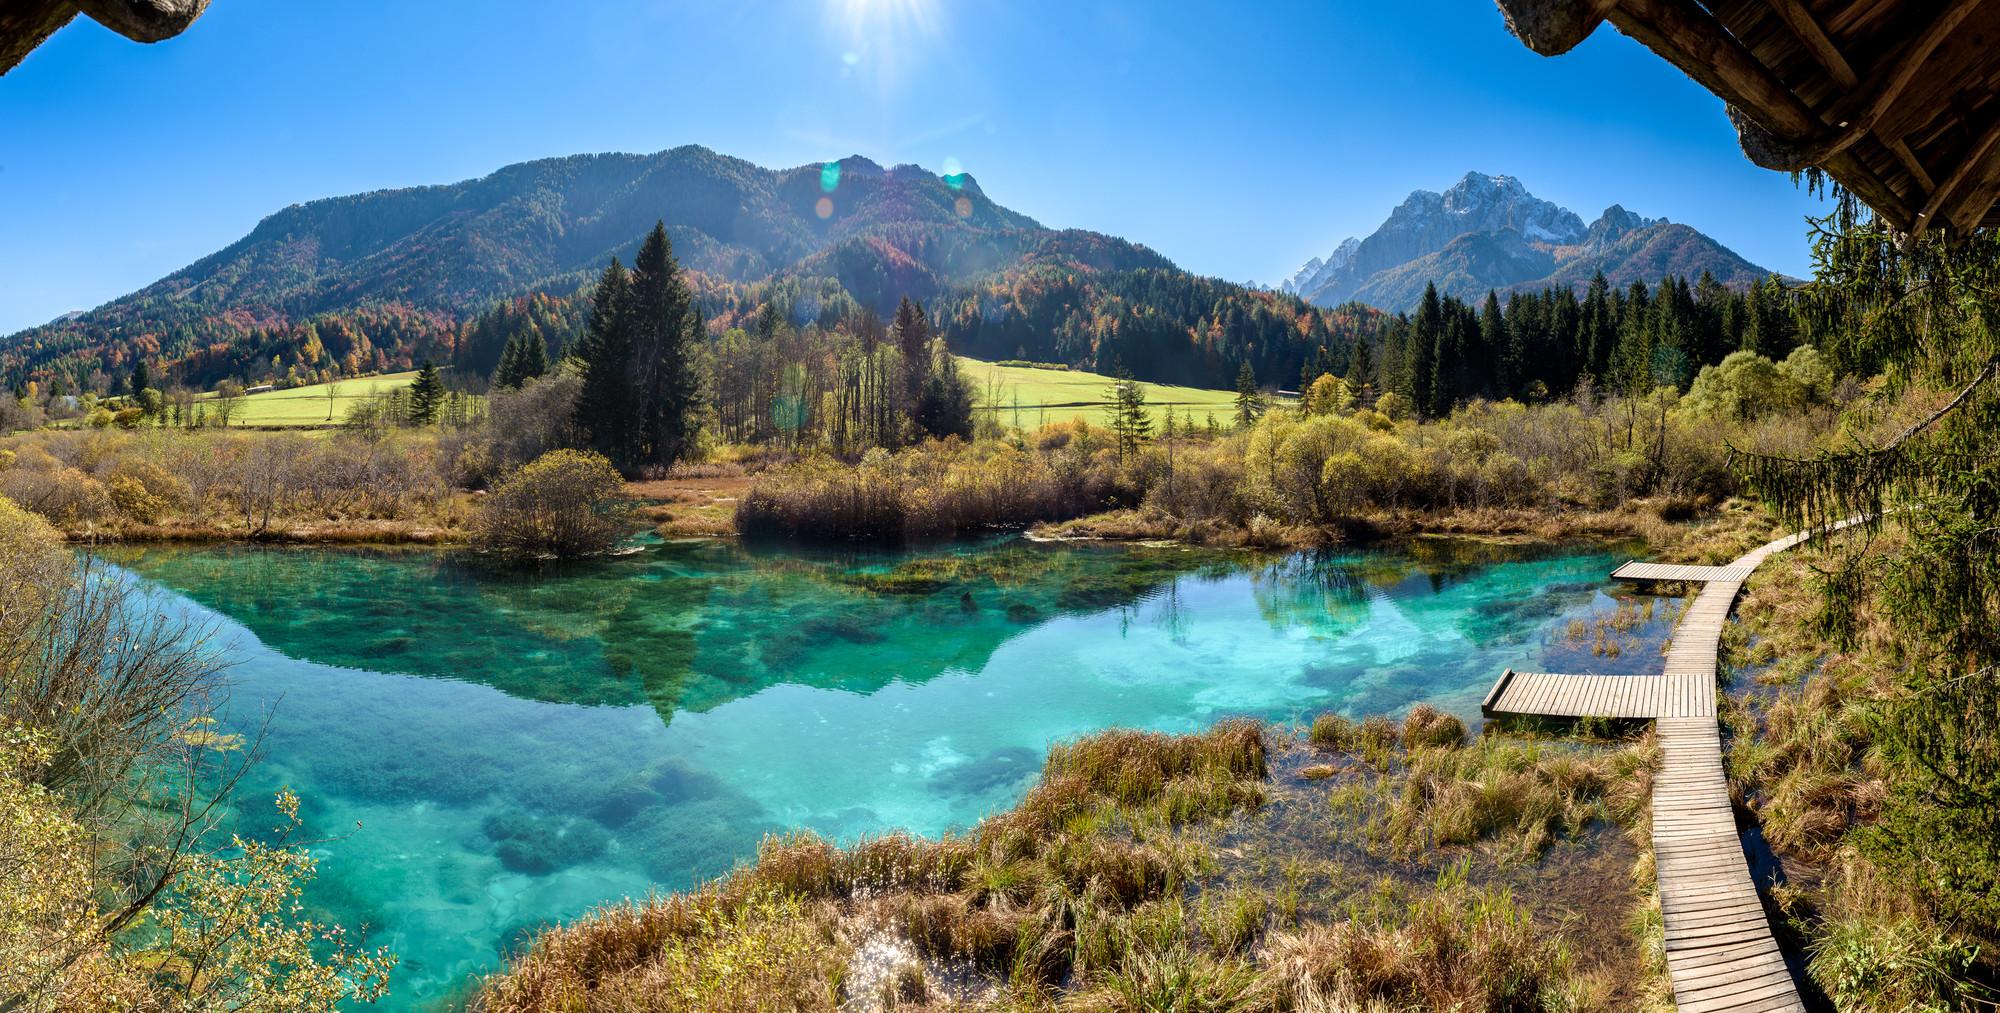 Vacances en Slovénie : pays d'eaux curatives